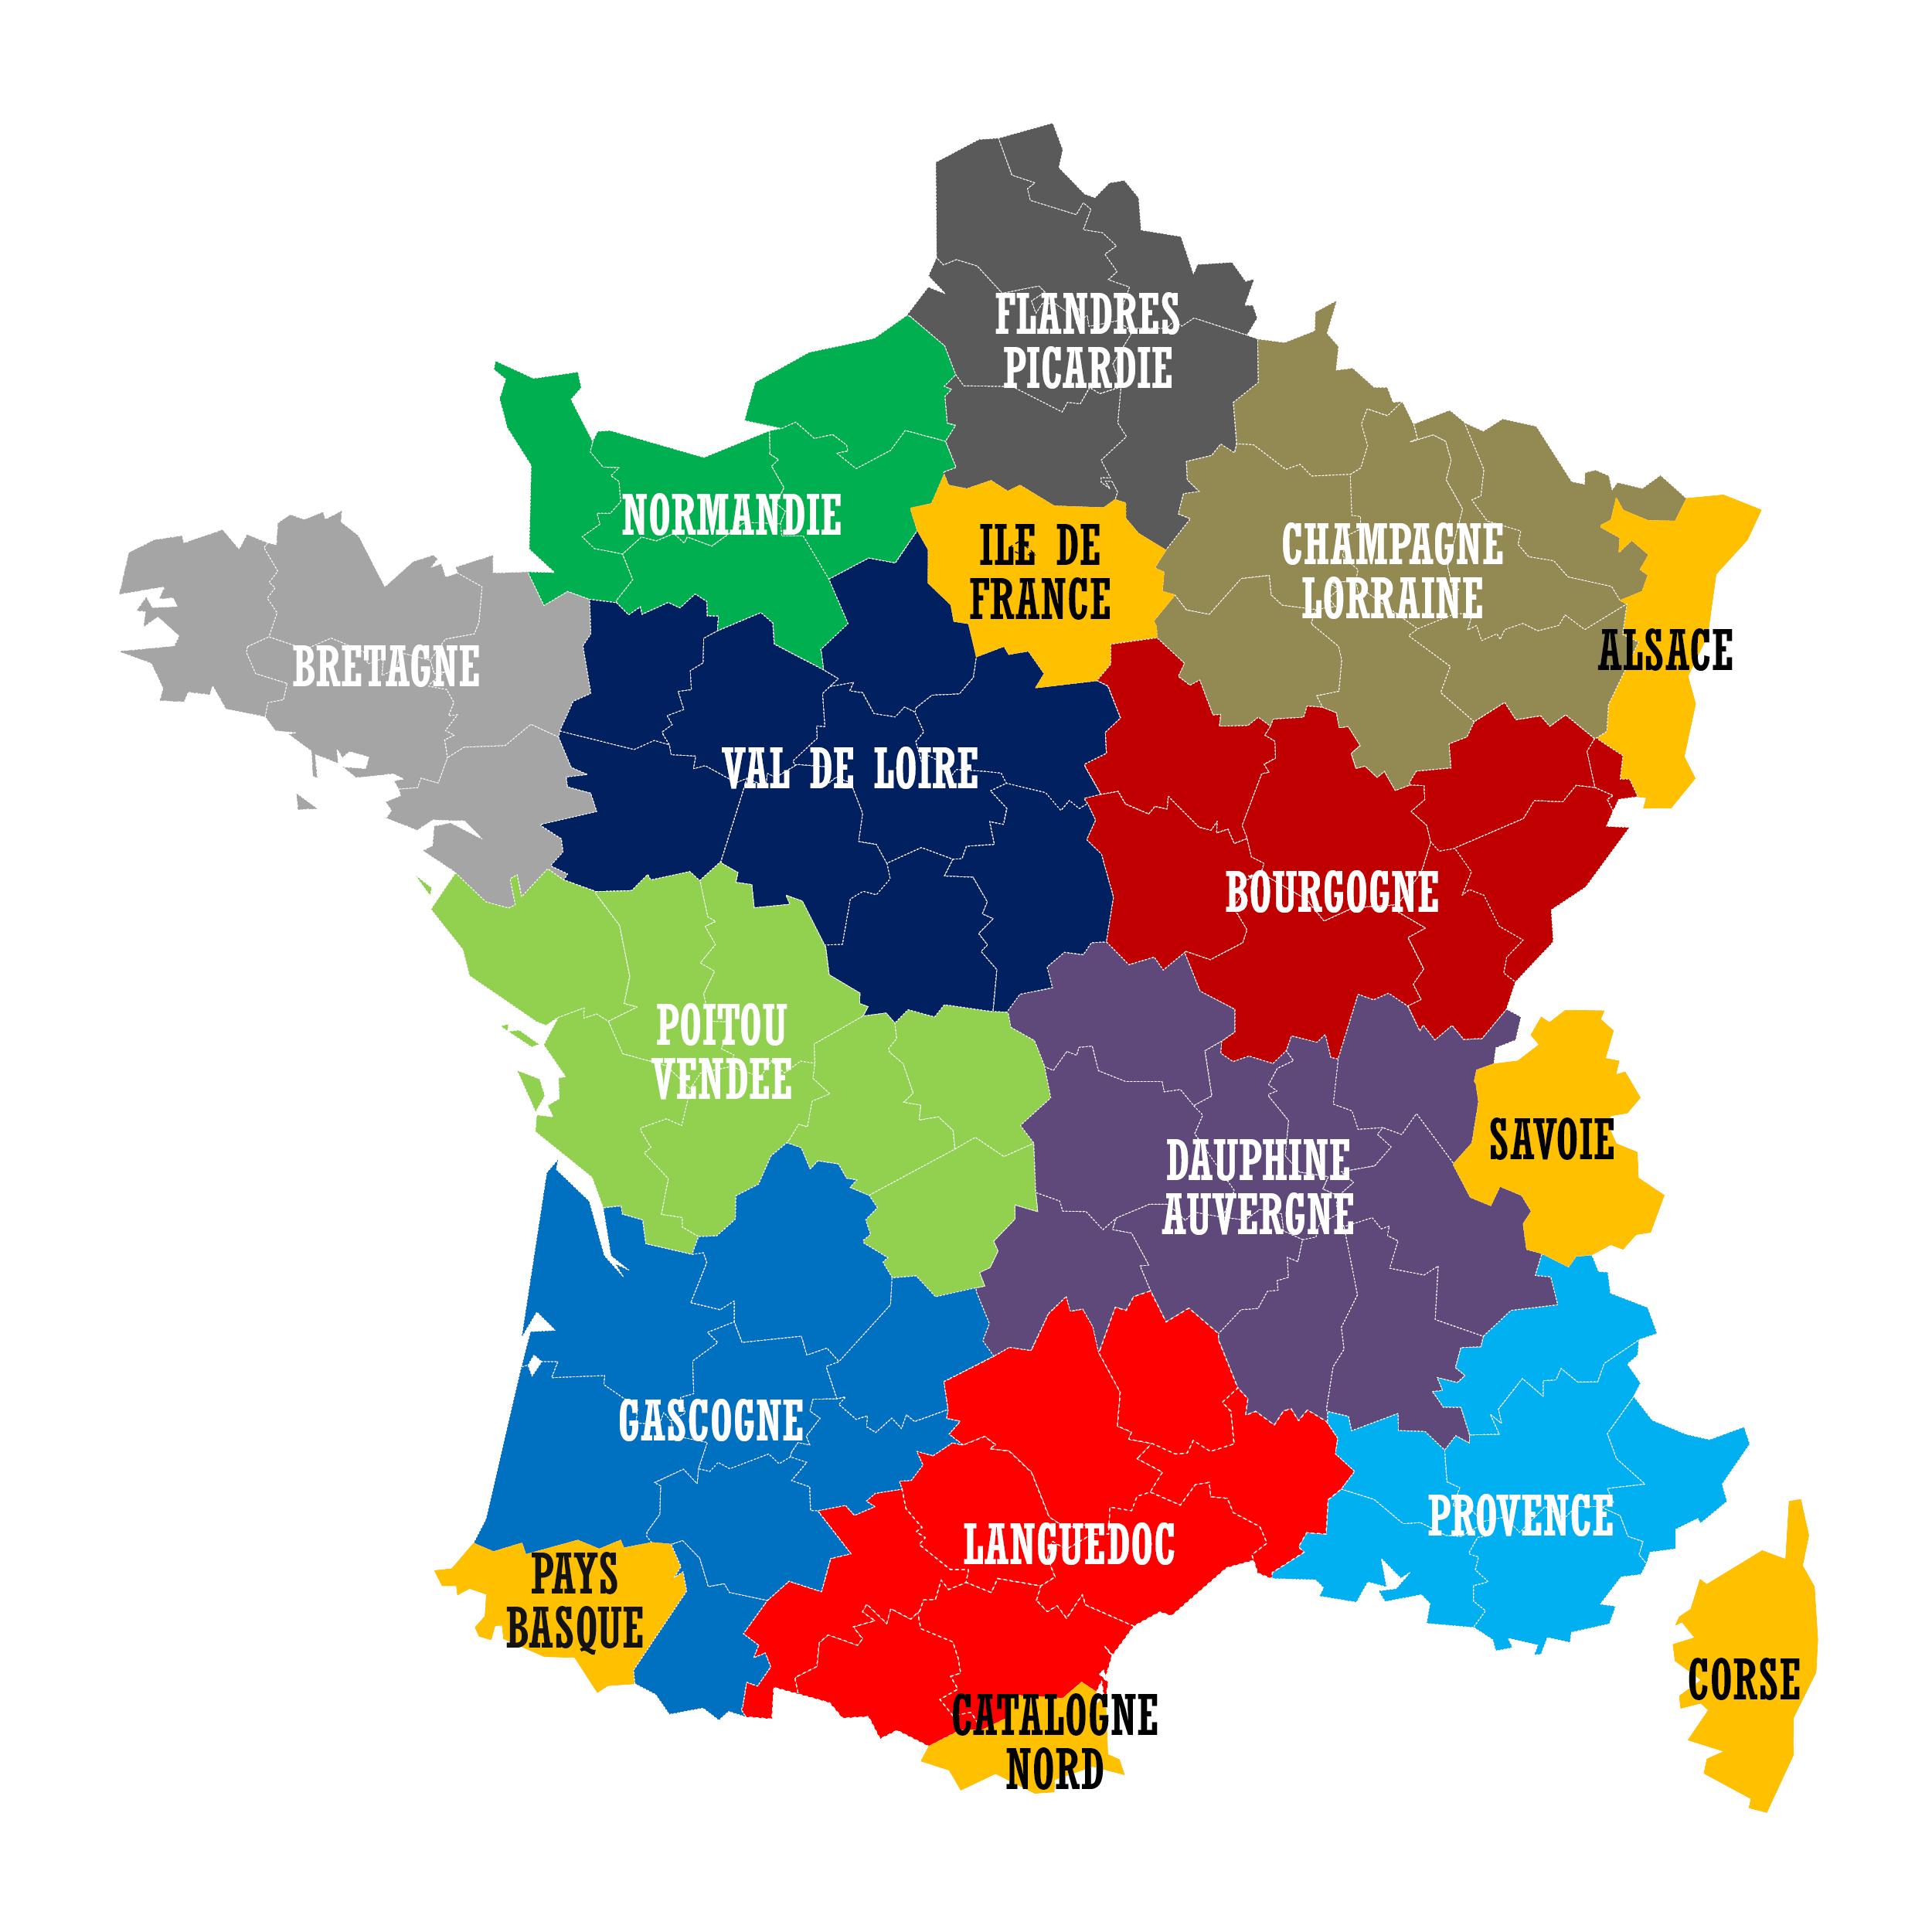 Bontamil - புது மாநிலங்கள் (Les Nouvelles pour Les Nouvelles Regions